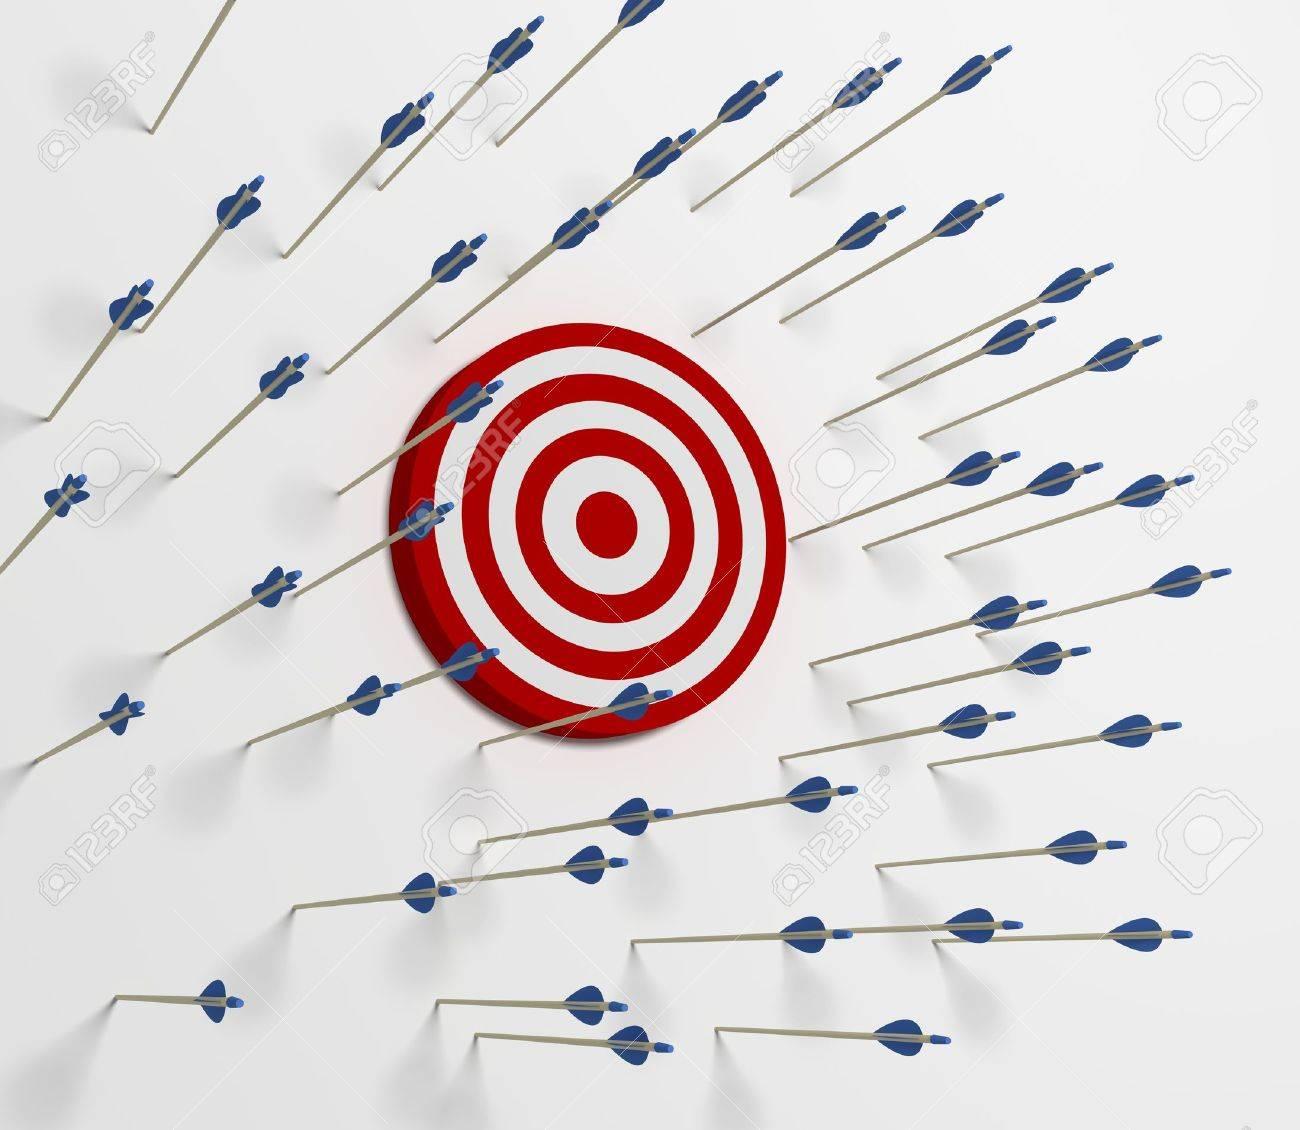 Uma iniciante precisando de ajuda 27853459-tens-of-arrows-that-have-missing-the-target